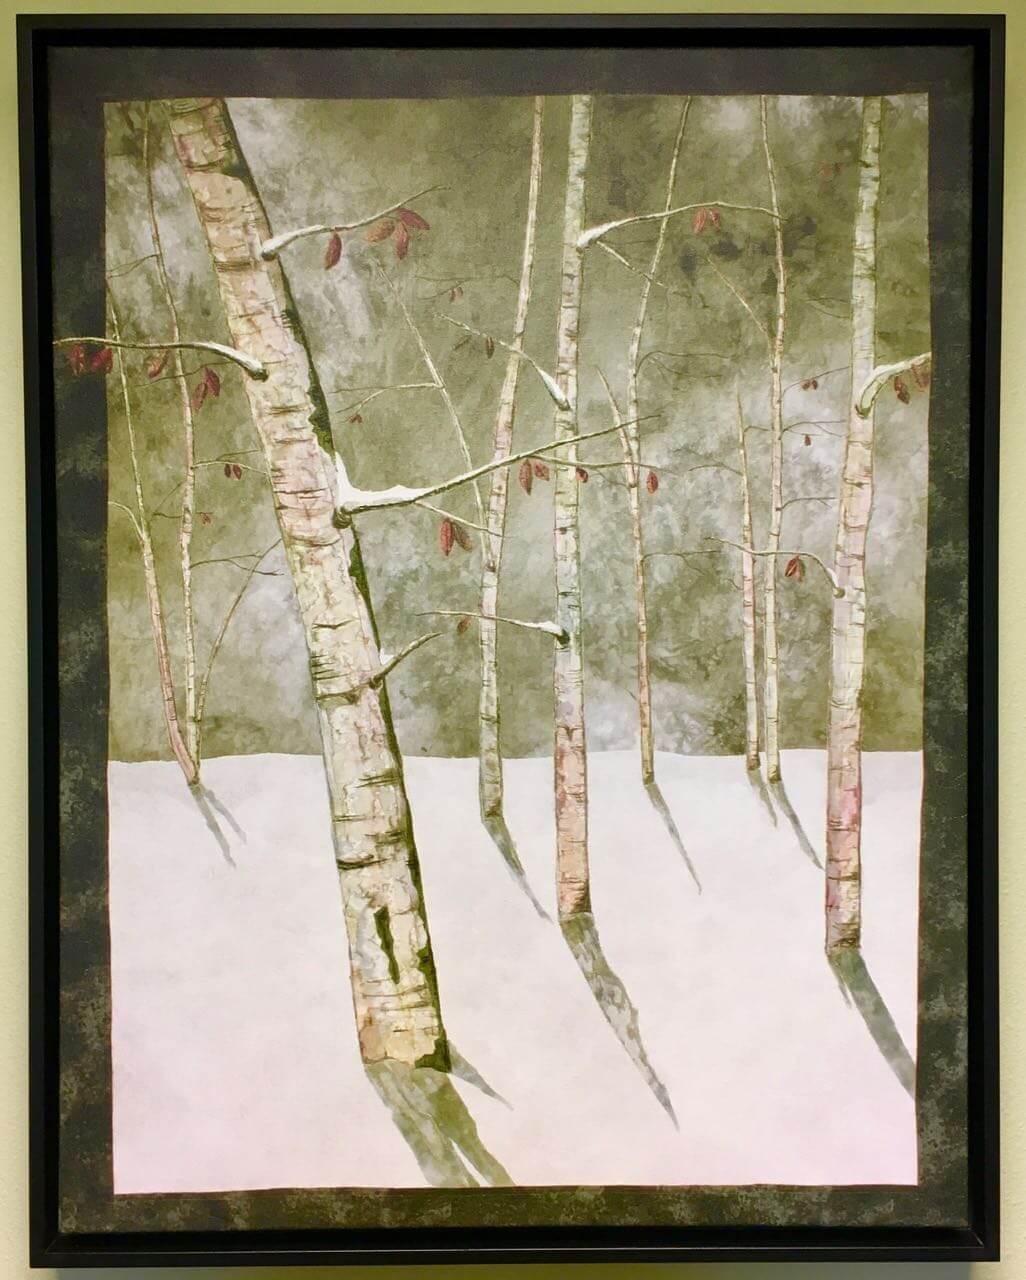 Moon Lit Birches